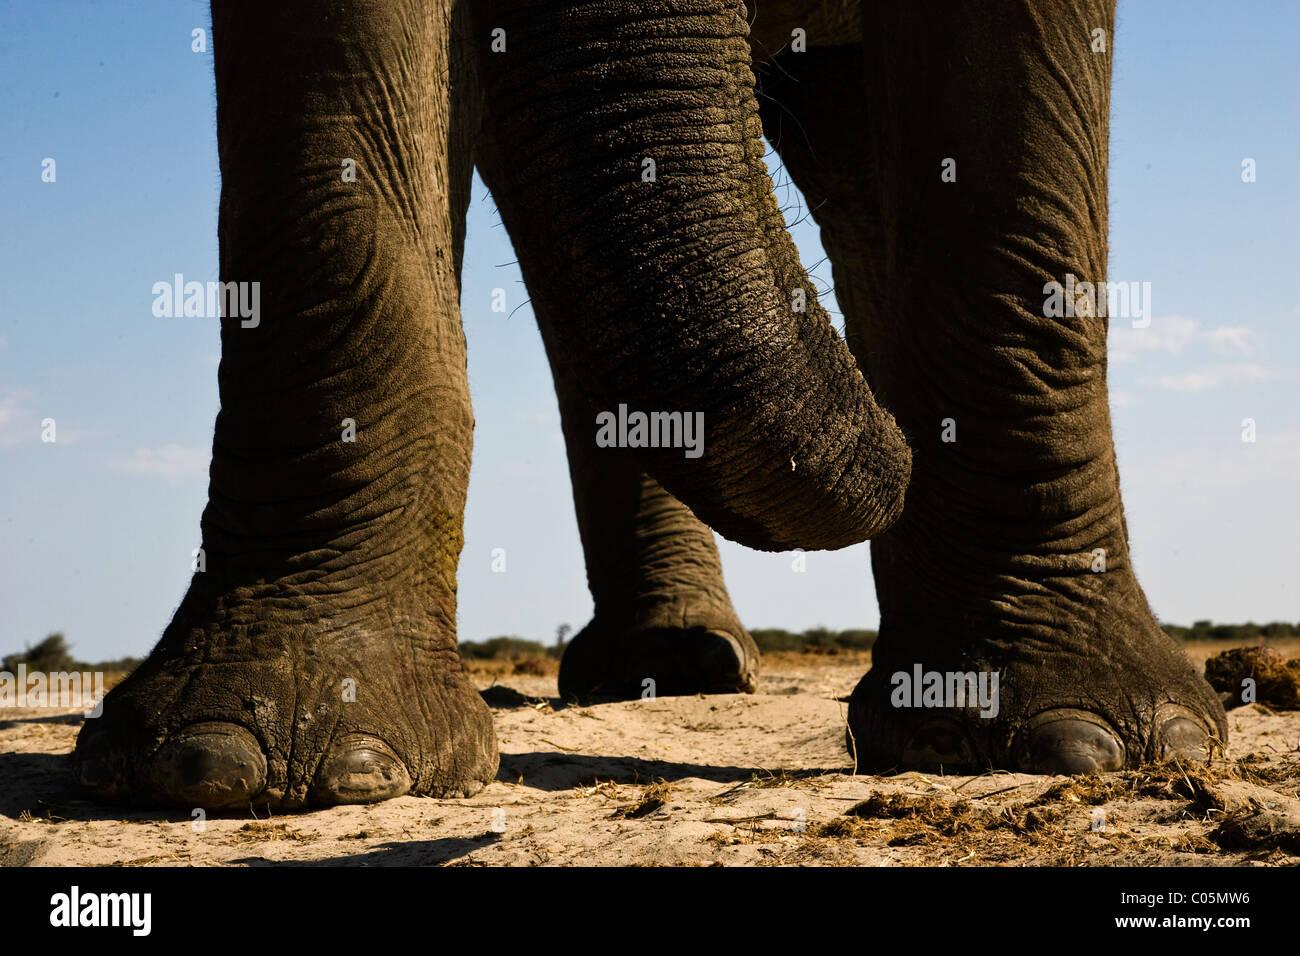 Tronco y pies de elefante, el Parque Nacional de Etosha, Namibia Imagen De Stock